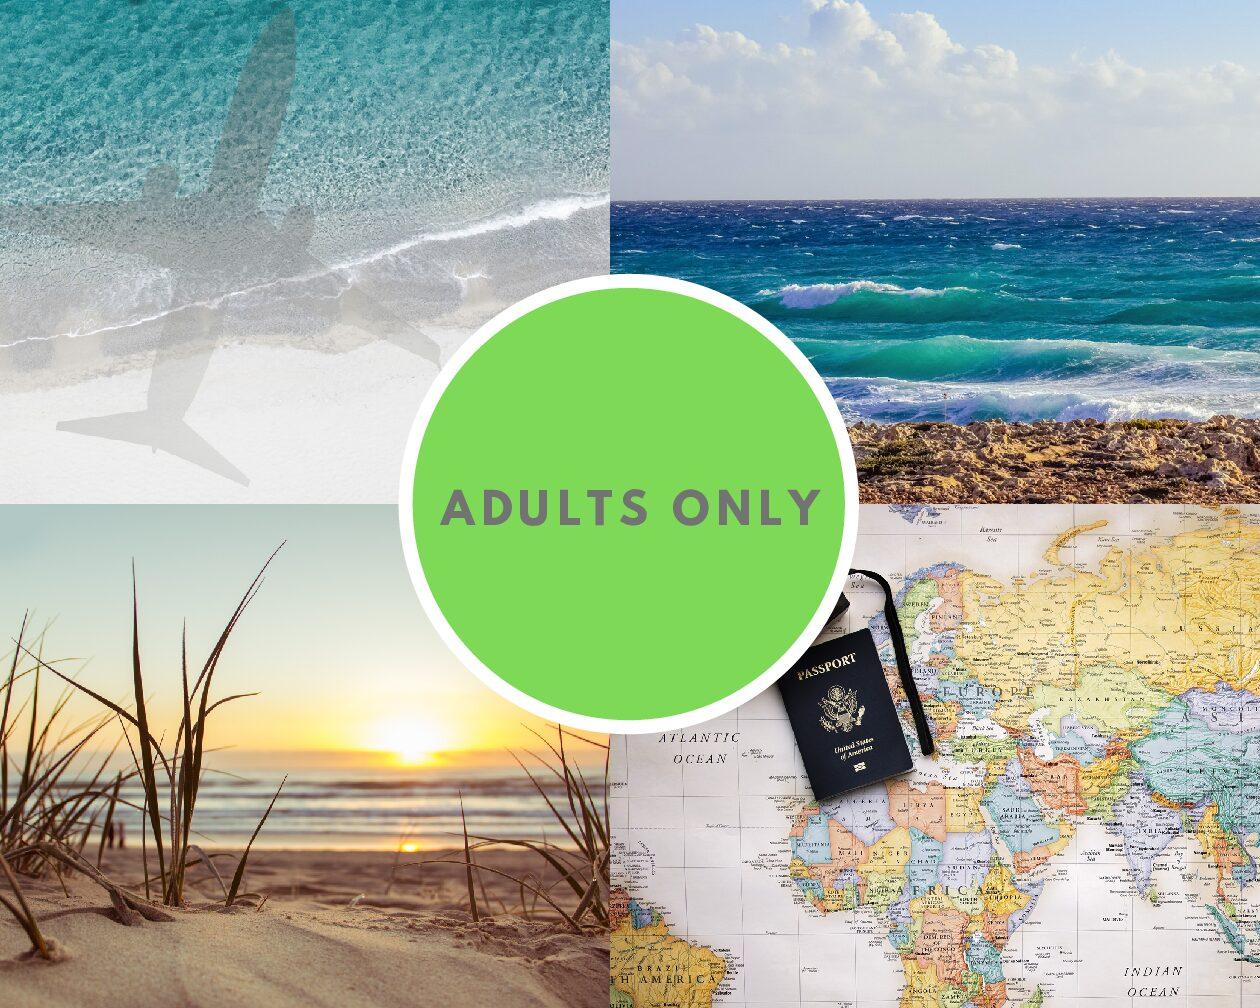 Adults Only – Urlaub nur für Erwachsene